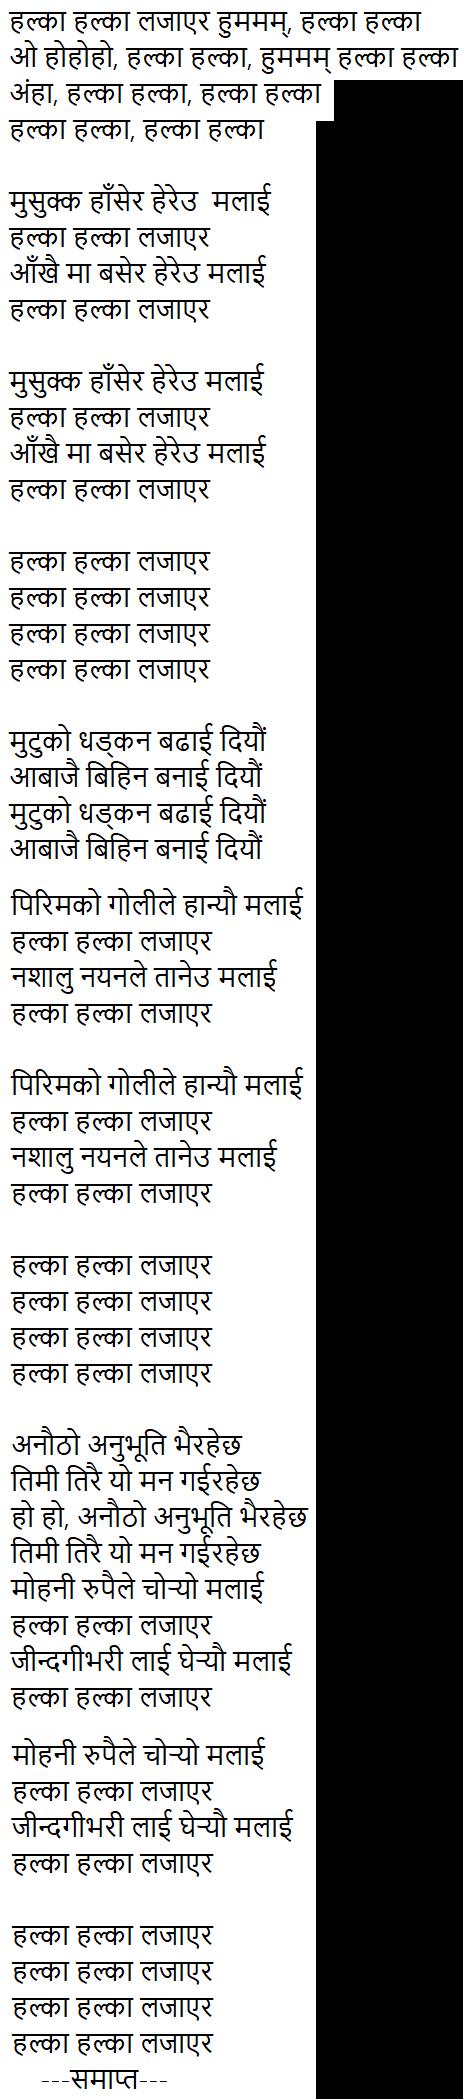 Halka Halka Lajayera Lyrics by Anju Panta & Nishan Bhattarai